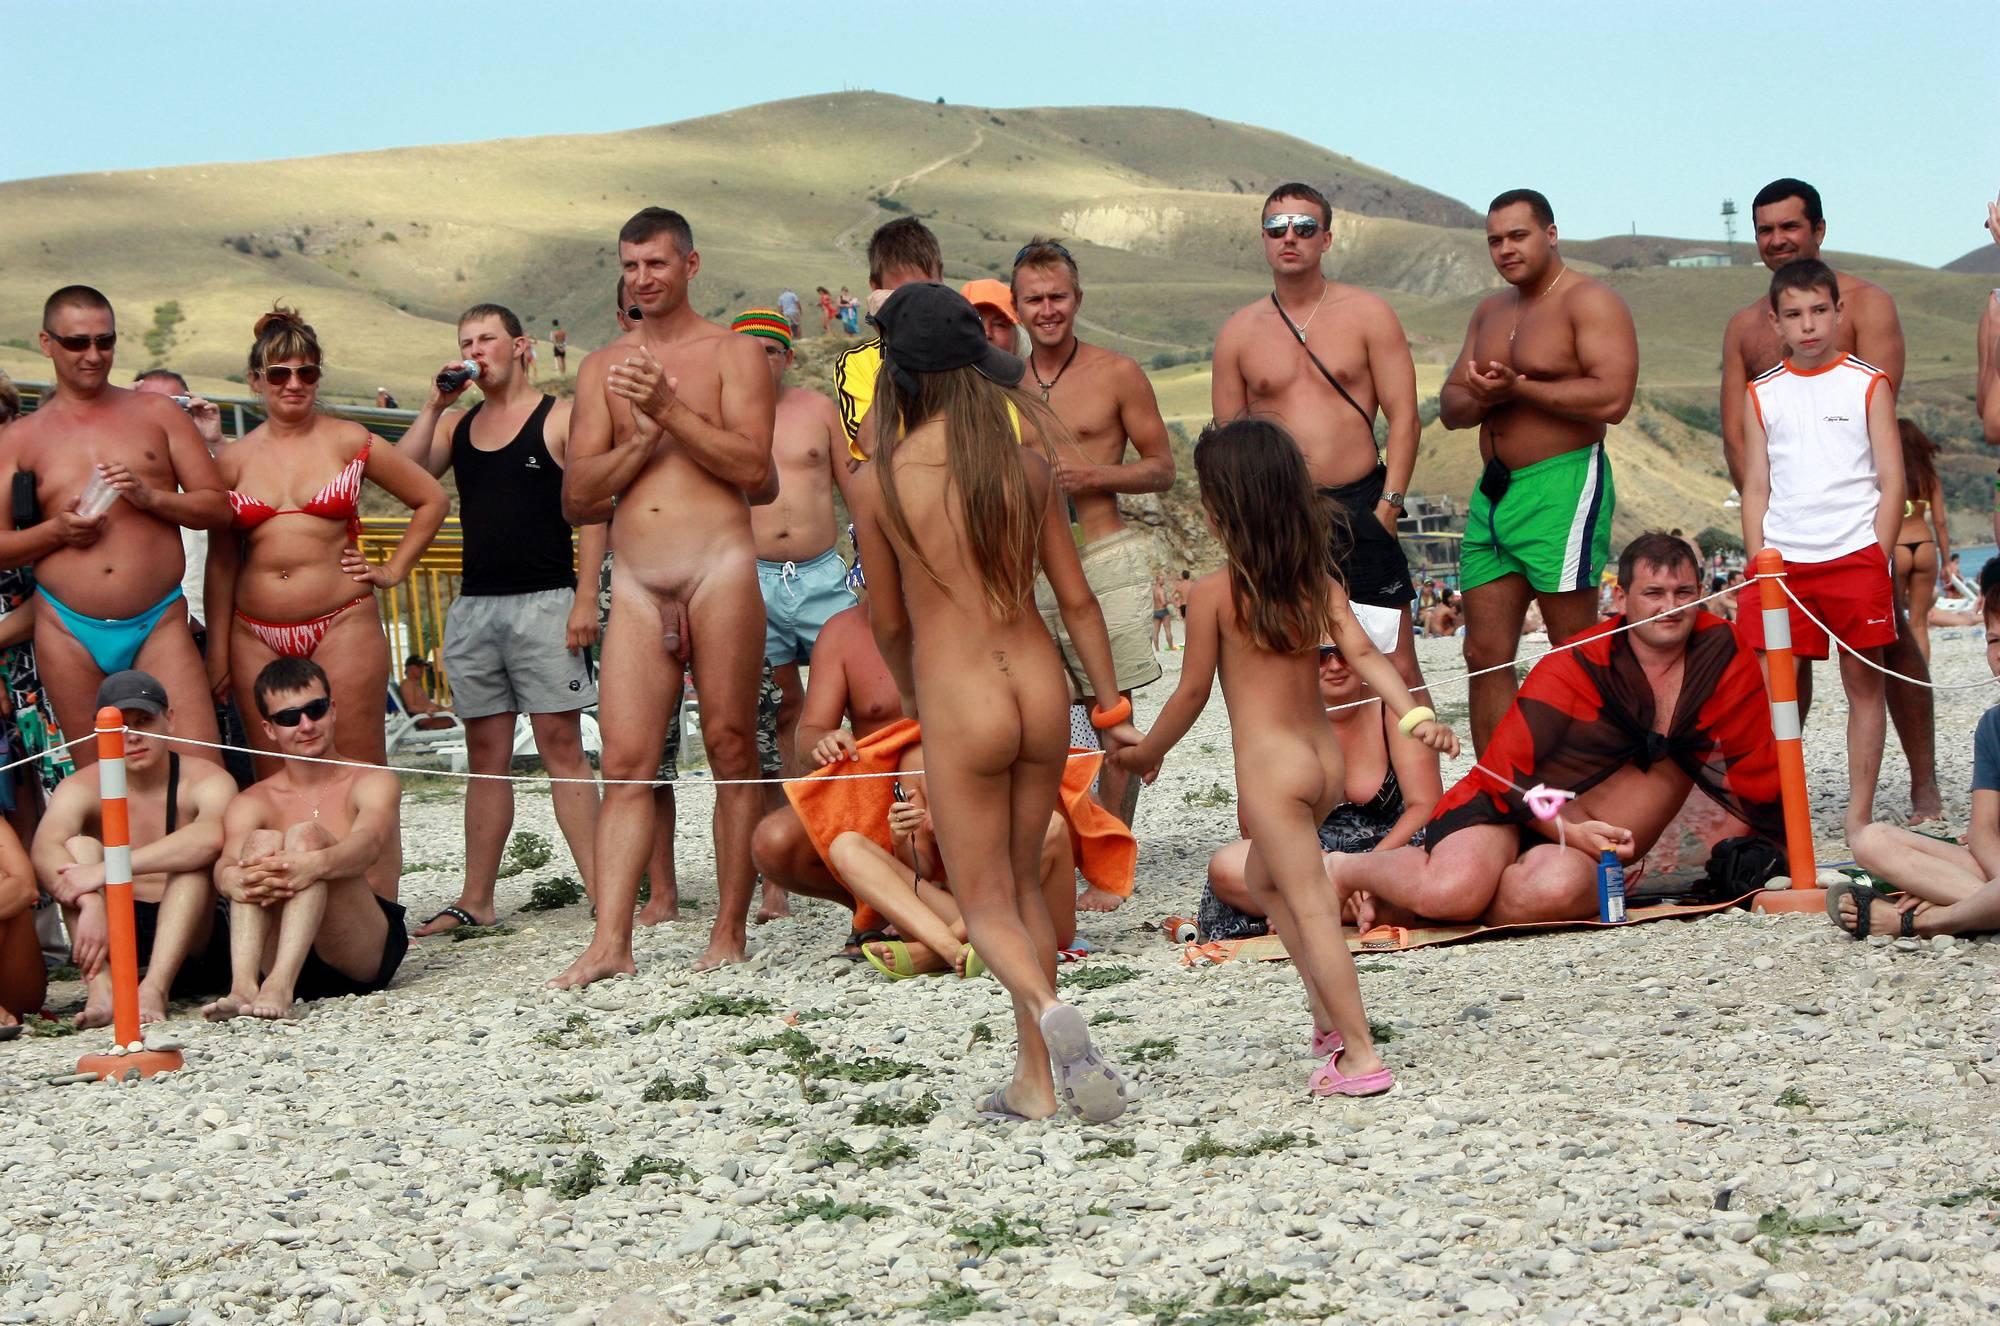 Purenudism Gallery Nudist Duet Girl Rundown - 4